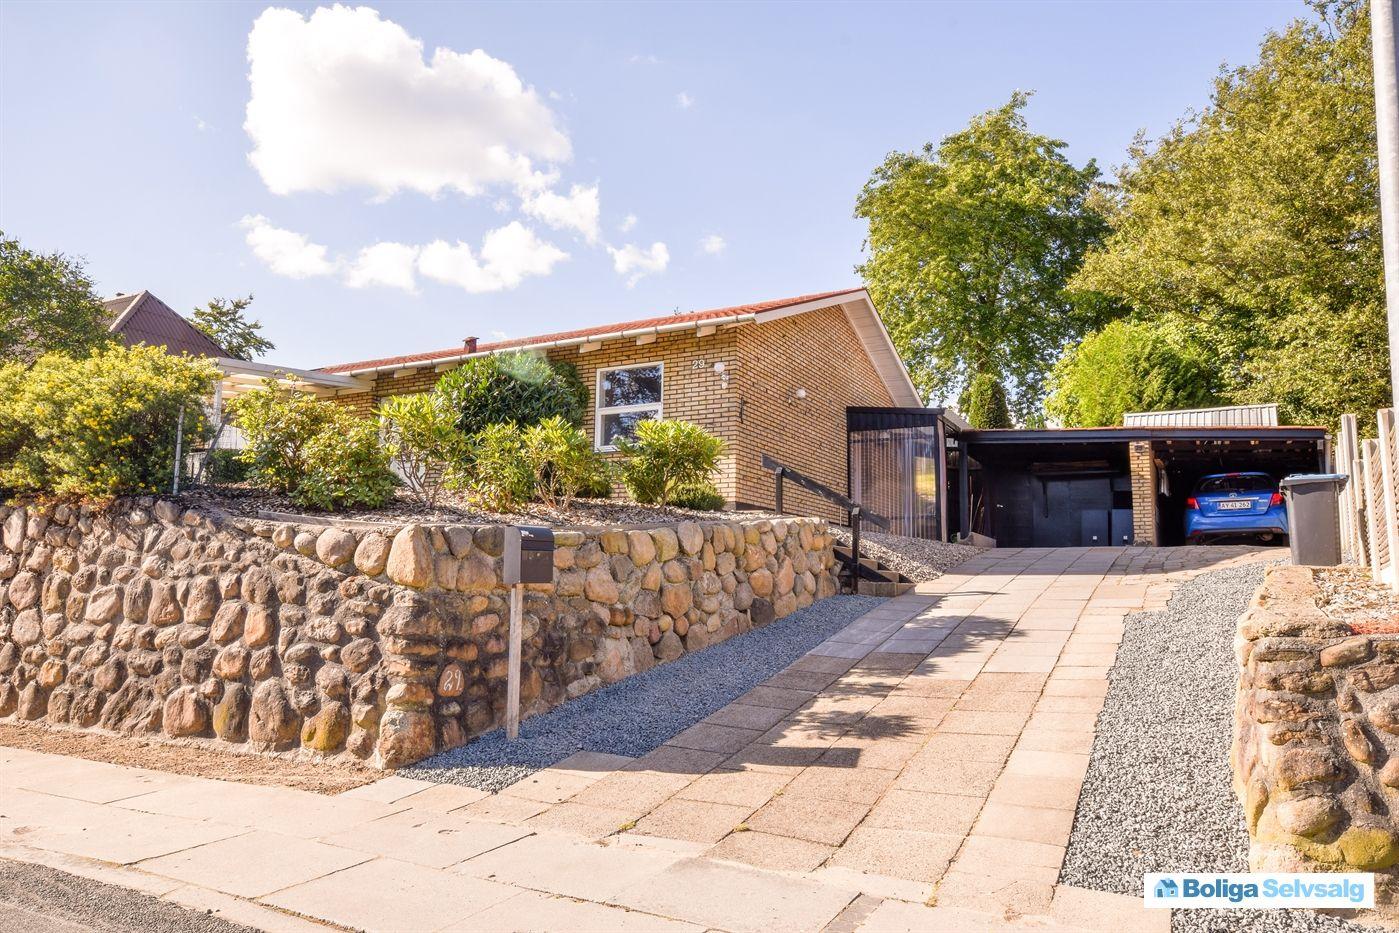 Gødvad Bakke 29, st., 8600 Silkeborg - Flot renoveret villa, indflytningsklar nu #villa #Skanderborg #familie #børnevenlig #Jylland #selvsalg #boligsalg #boligdk